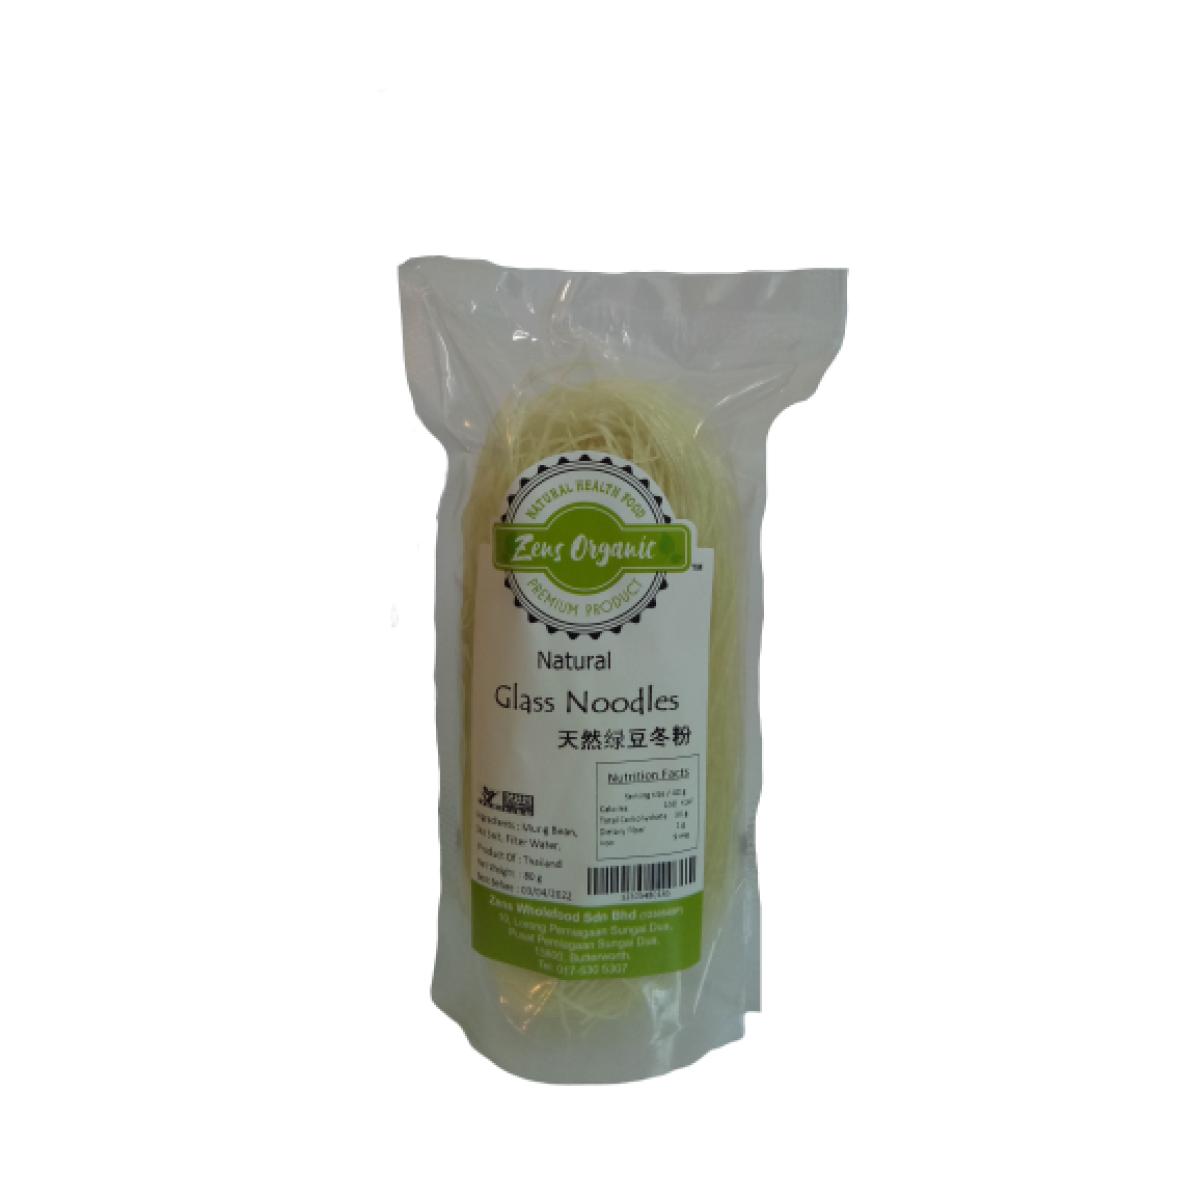 Zens Organic Natural Glass Noodles 80g